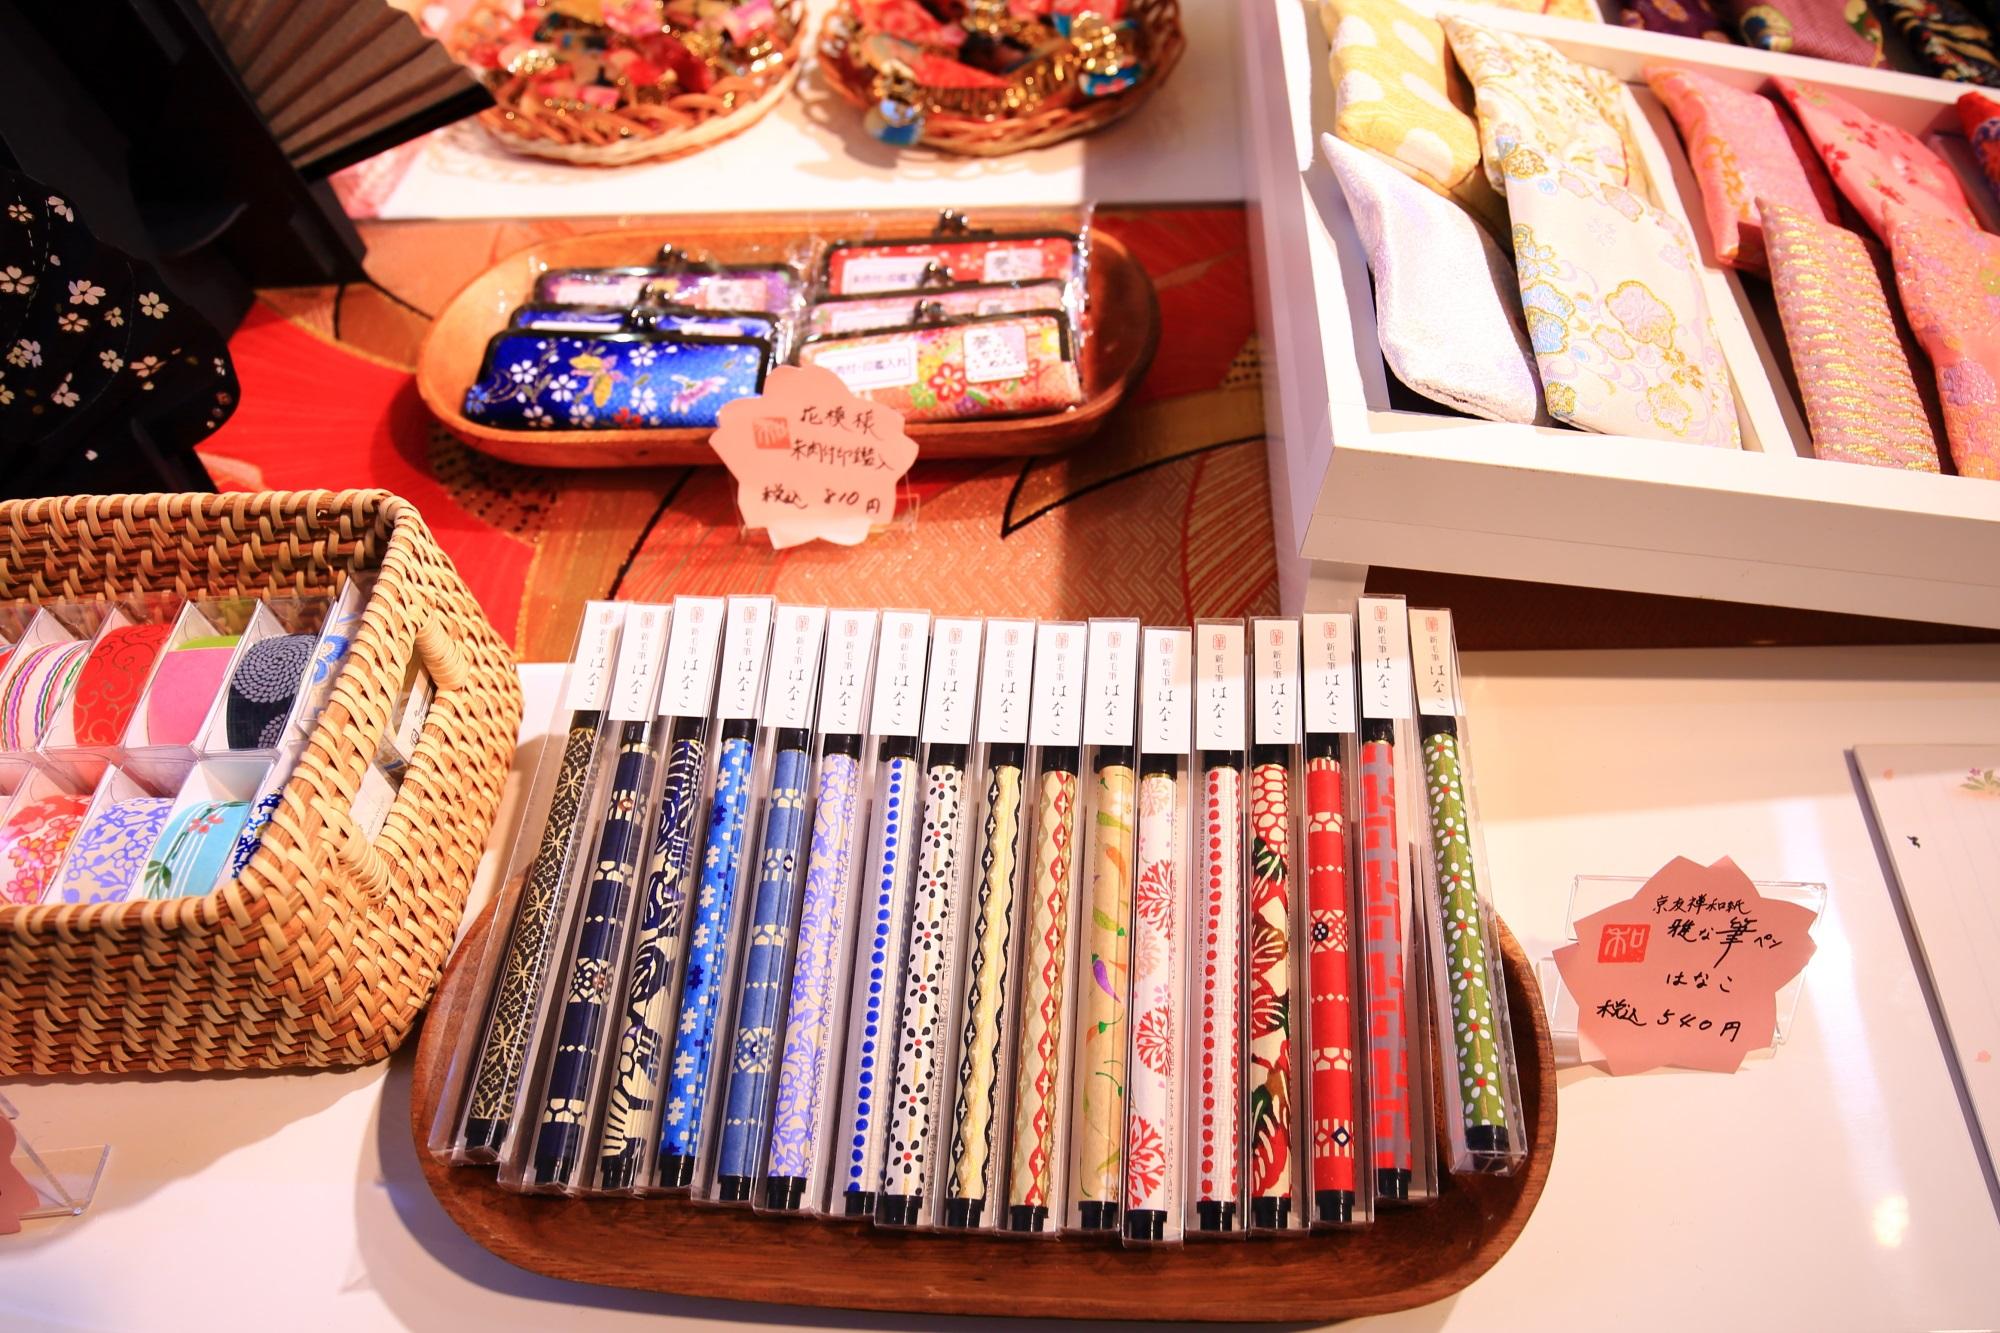 和硝子屋祇園ギャラリーの「新毛筆はなこ」(筆ペン)(税込540円)